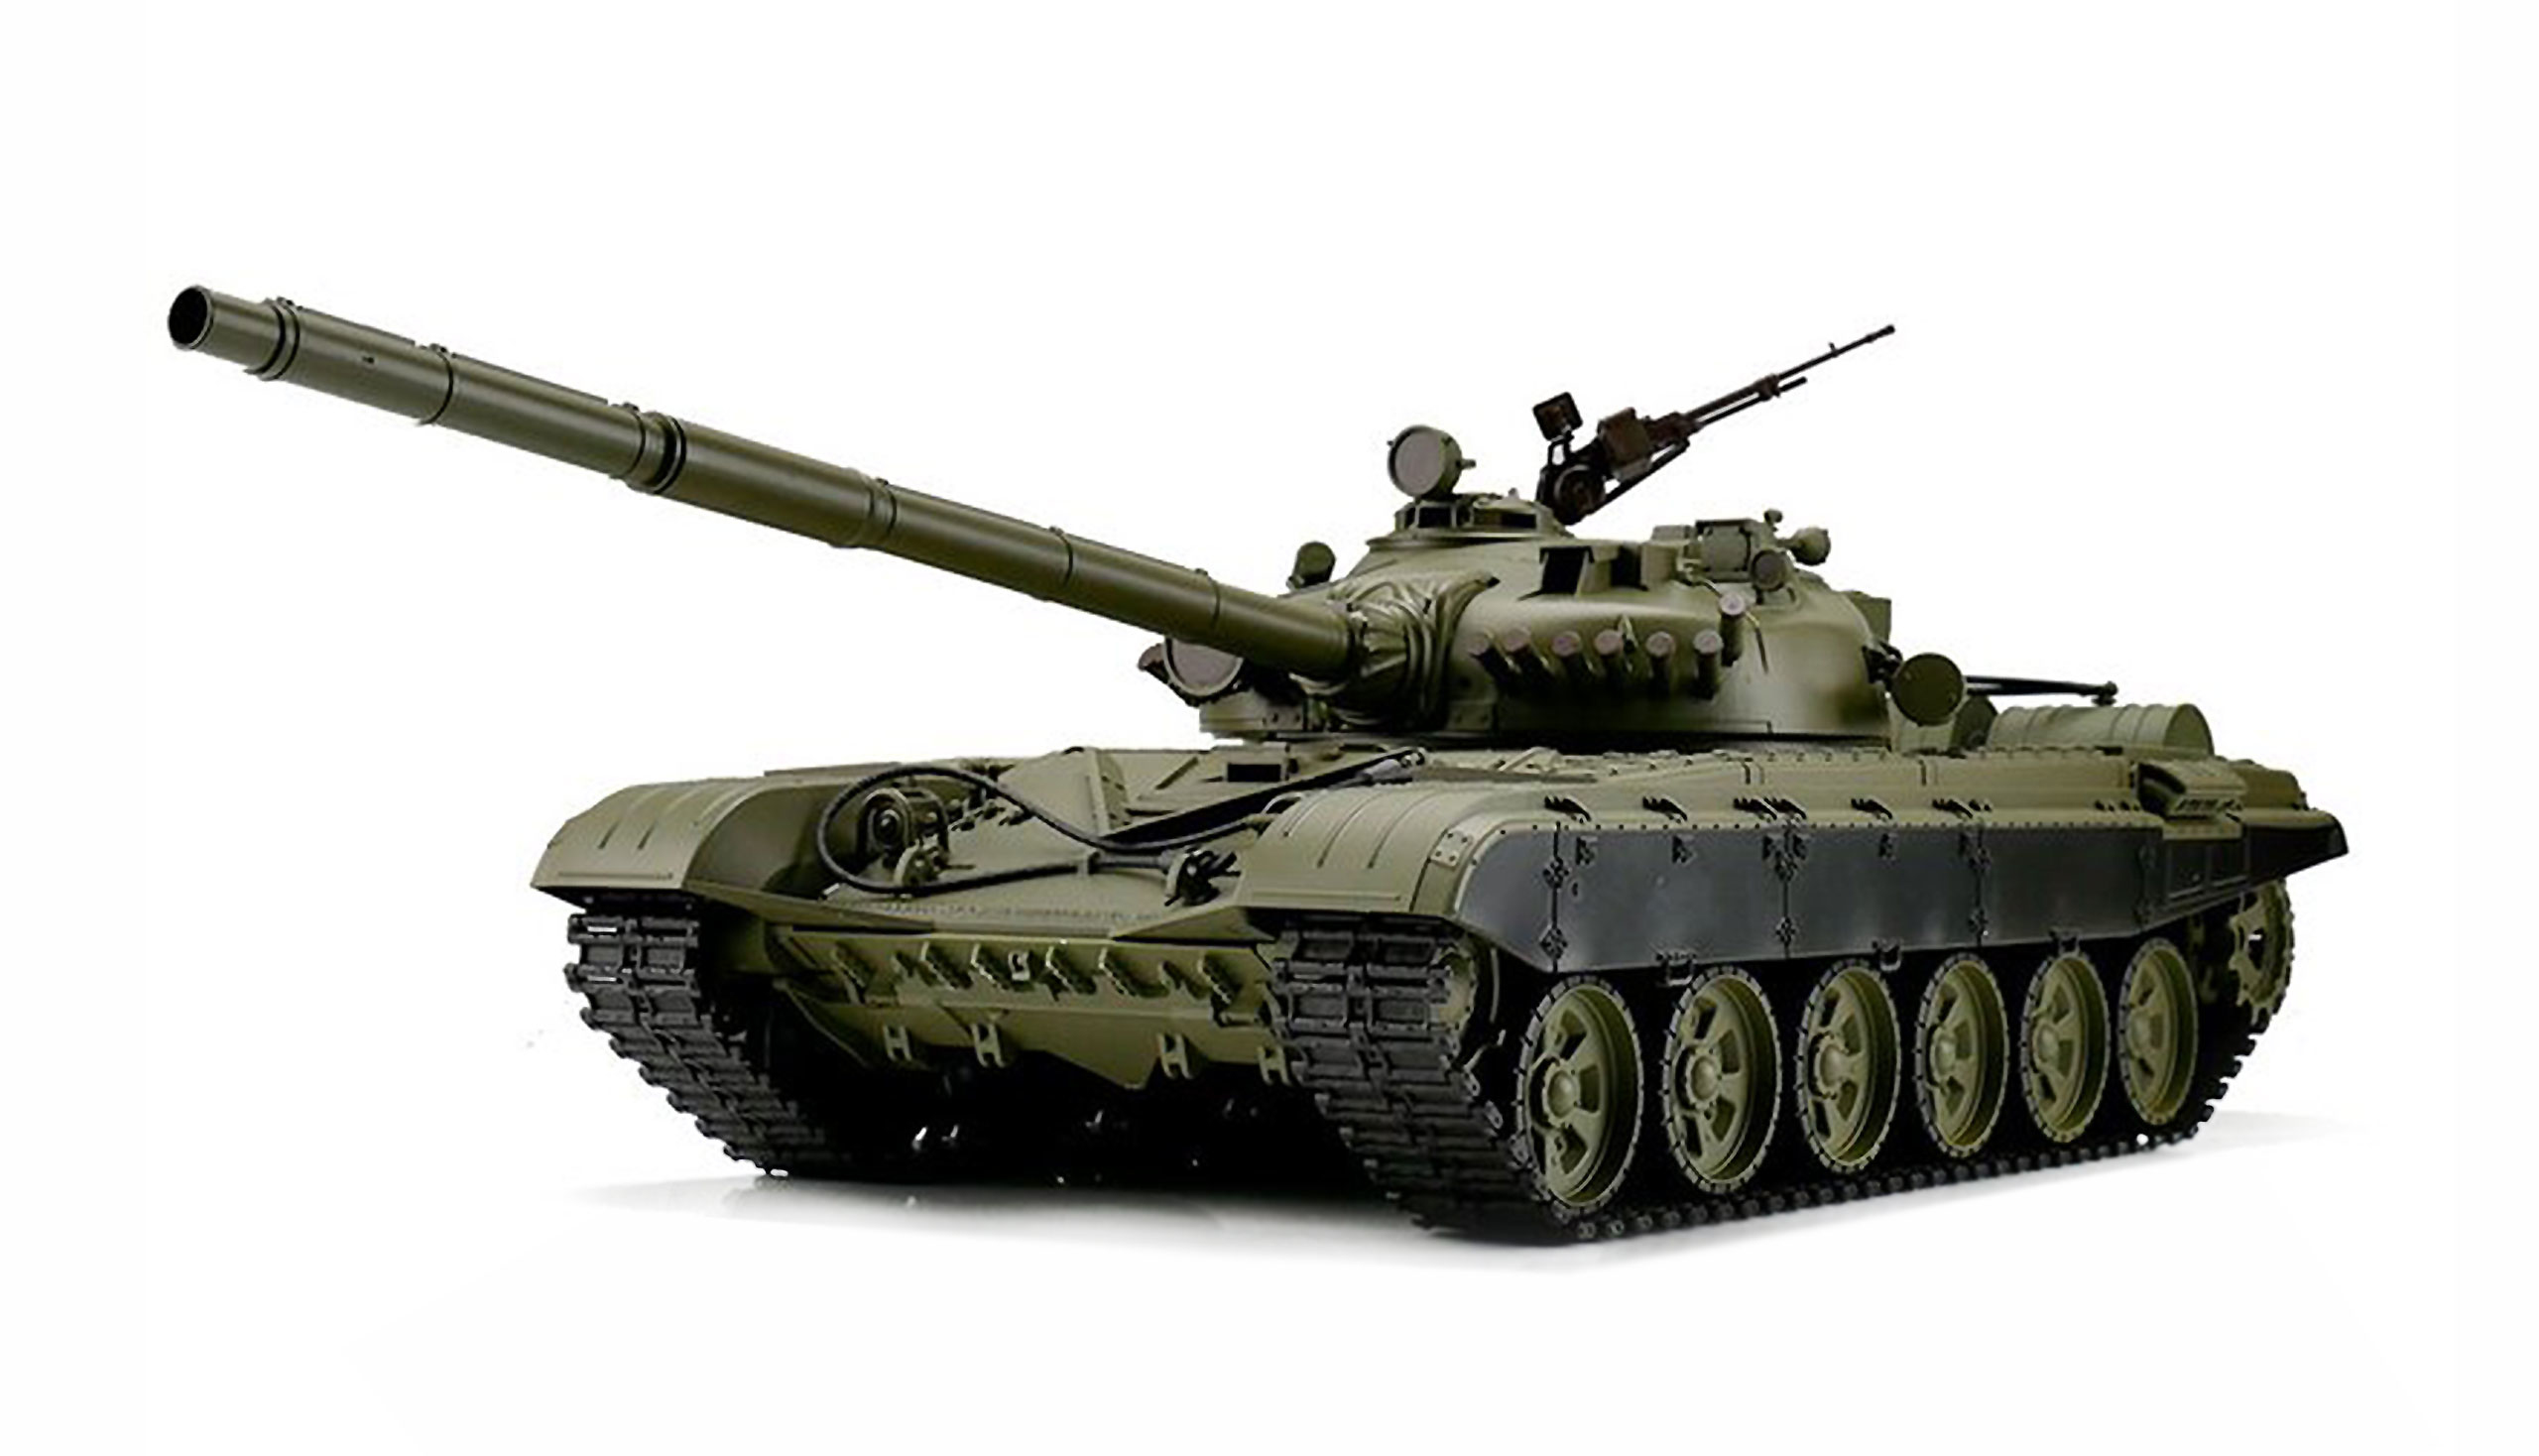 Vorschau: Amewi T-72 - Funkgesteuerter (RC) Panzer - Elektromotor - 1:16 - Betriebsbereit (RTR) - Junge - 14 Jahr(e)